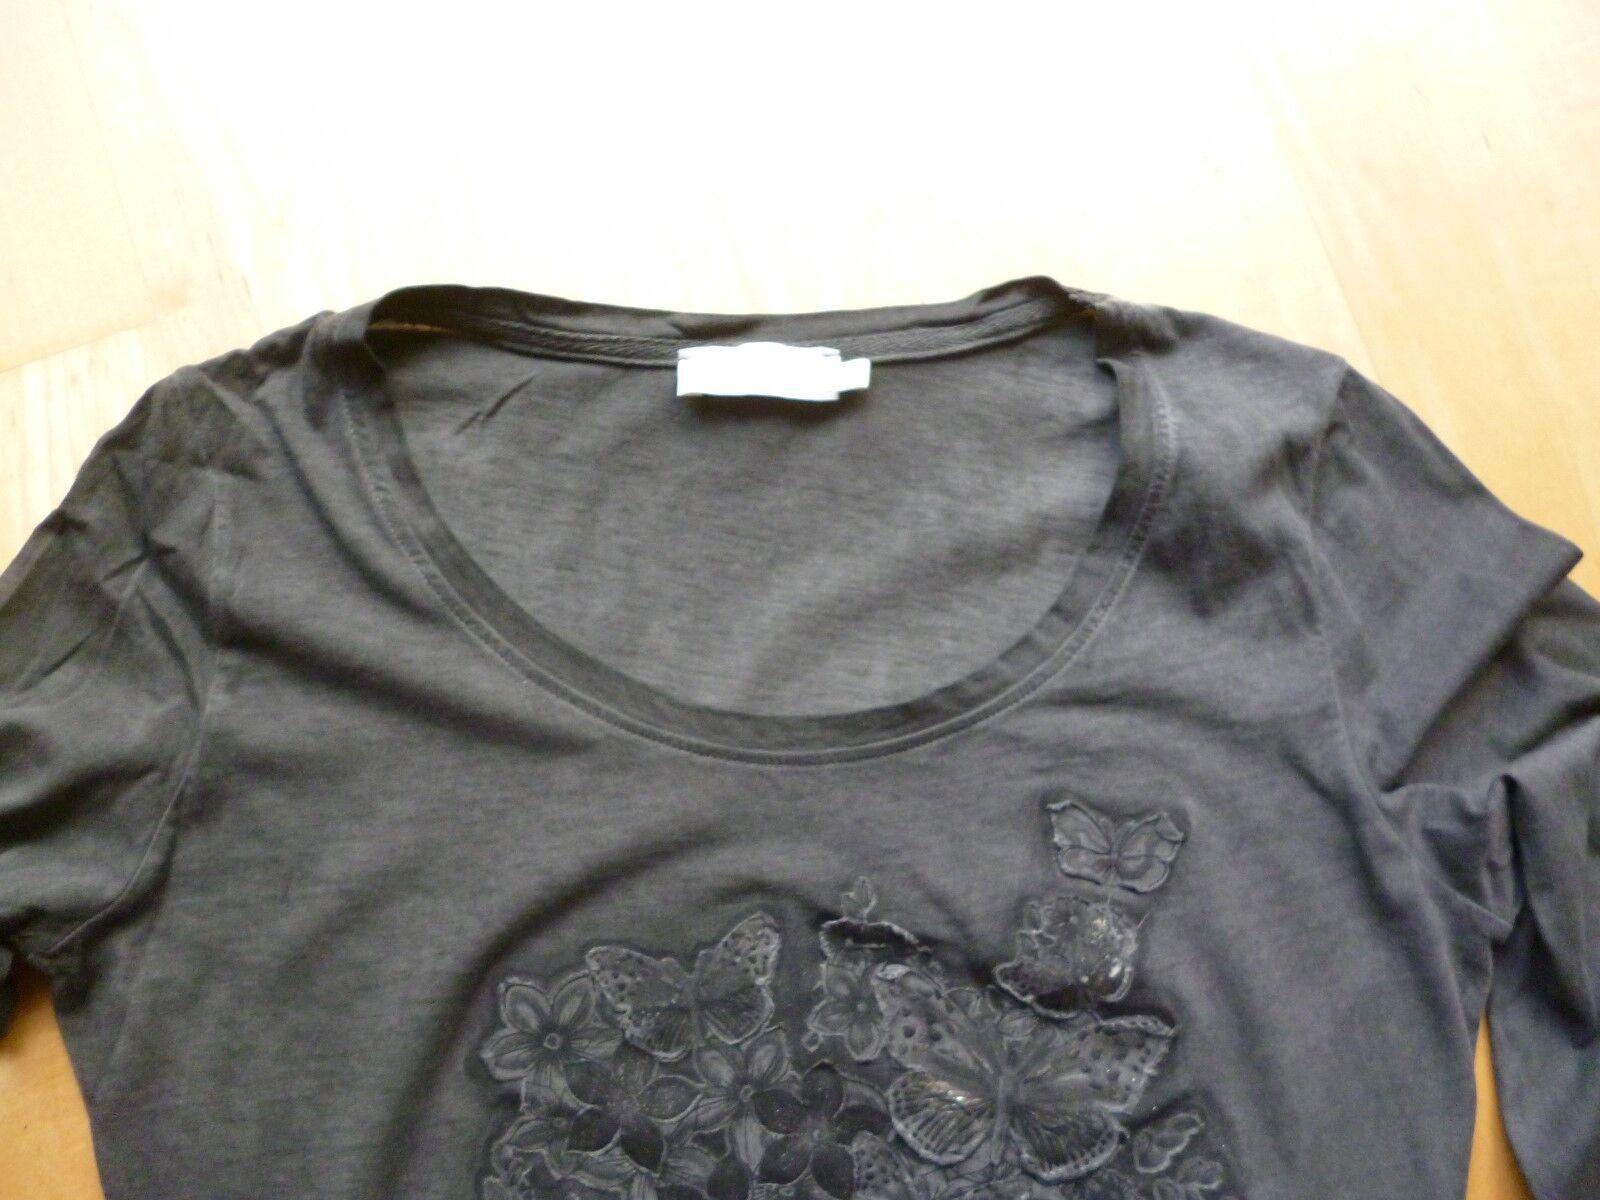 Tshirt  Cream  Gr. Gr. Gr. M  mit Lederapplikationen | Quality First  | Verschiedene Stile  | Online  | Großhandel  de70d8